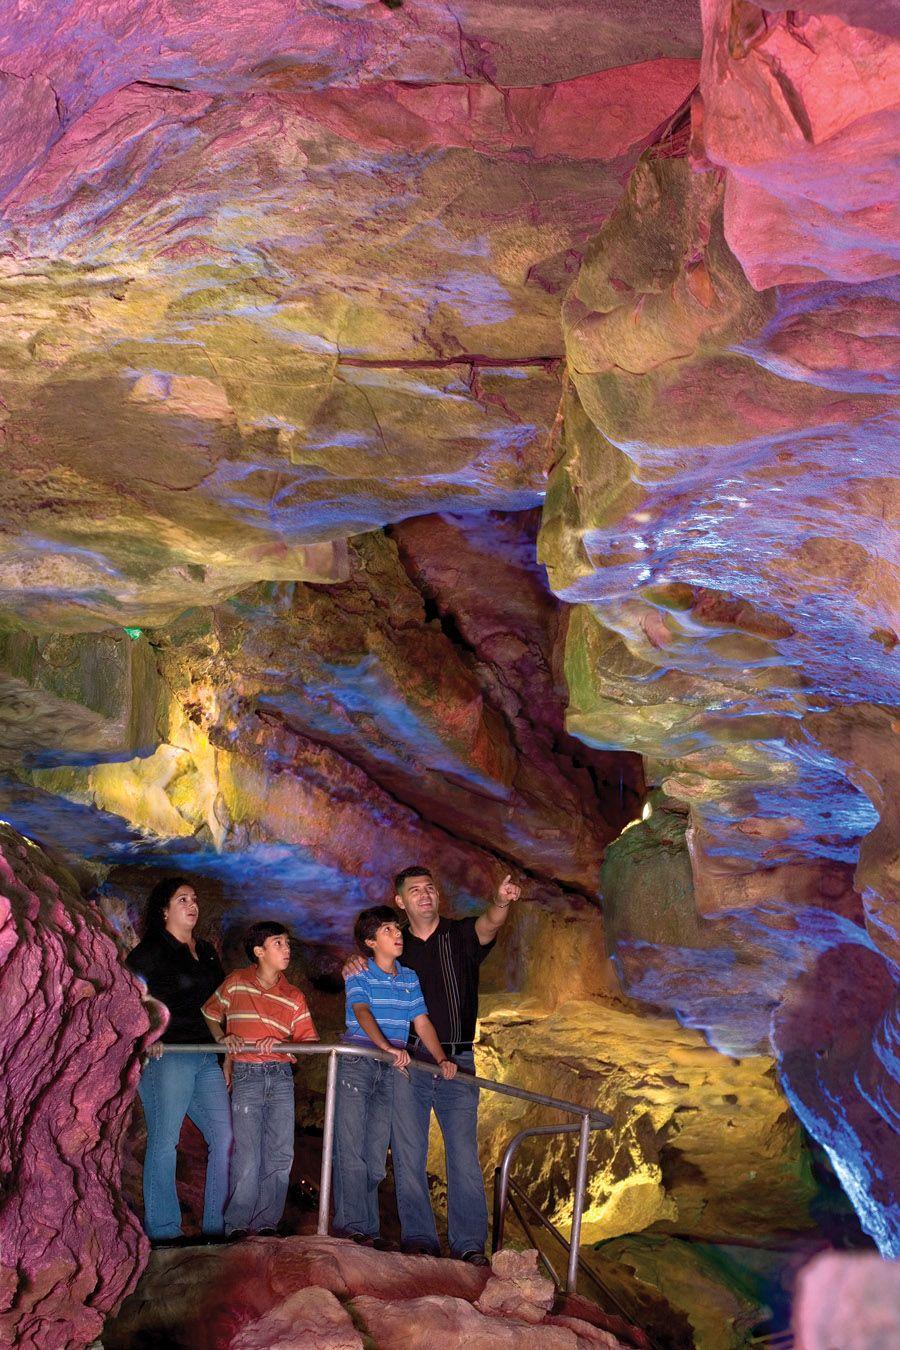 Balcones Fault Line Cave World Park - 1000